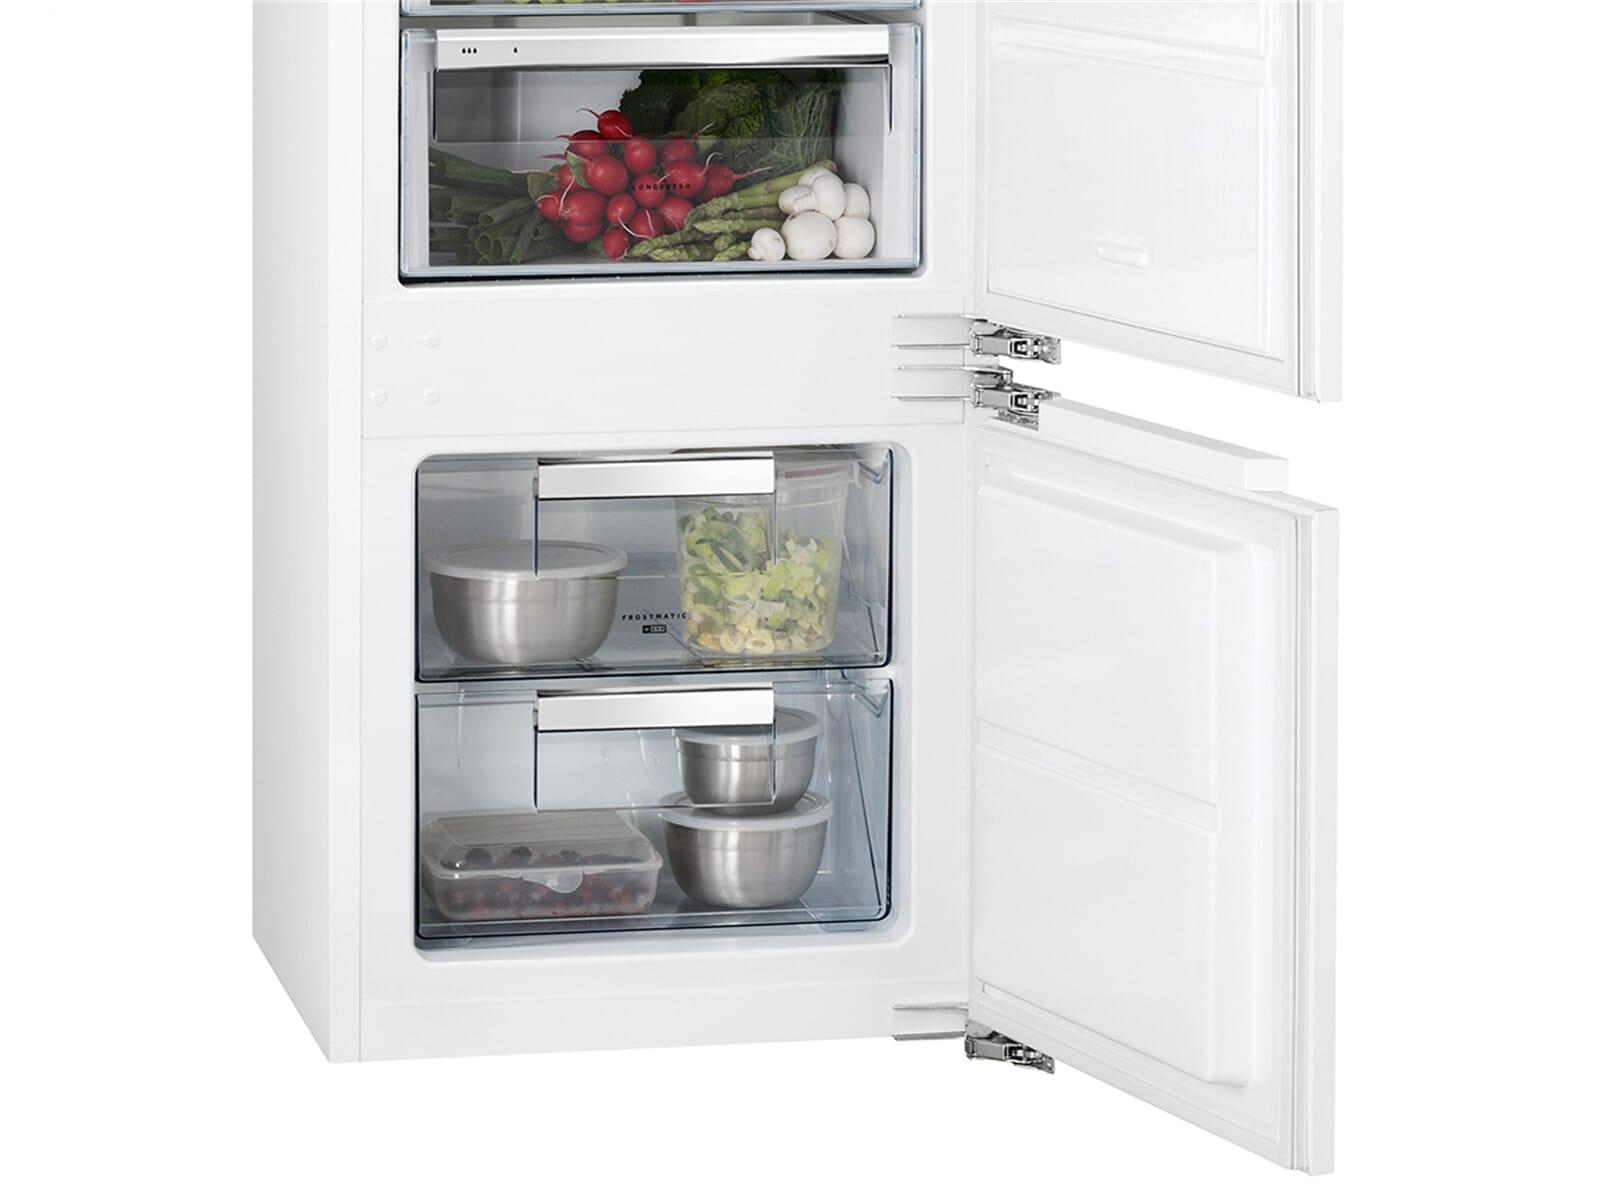 Aeg Kühlschrank Garantie : Aeg sce zc einbau kühl gefrierkombination